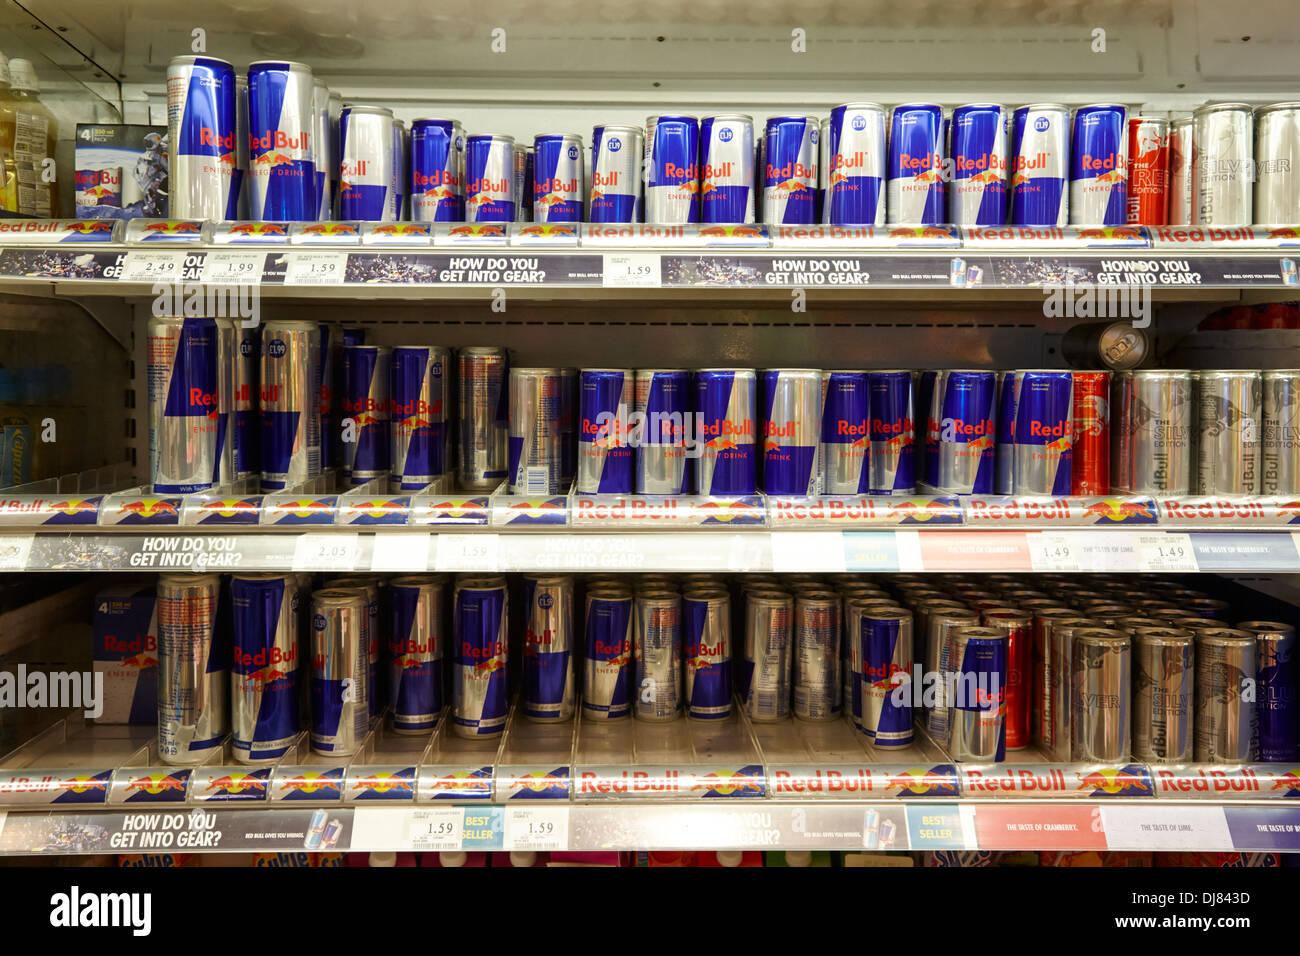 Red Bull Kühlschrank Dj Cooler : Red bull kühlschrank dj cooler red bull cans stockfotos red bull